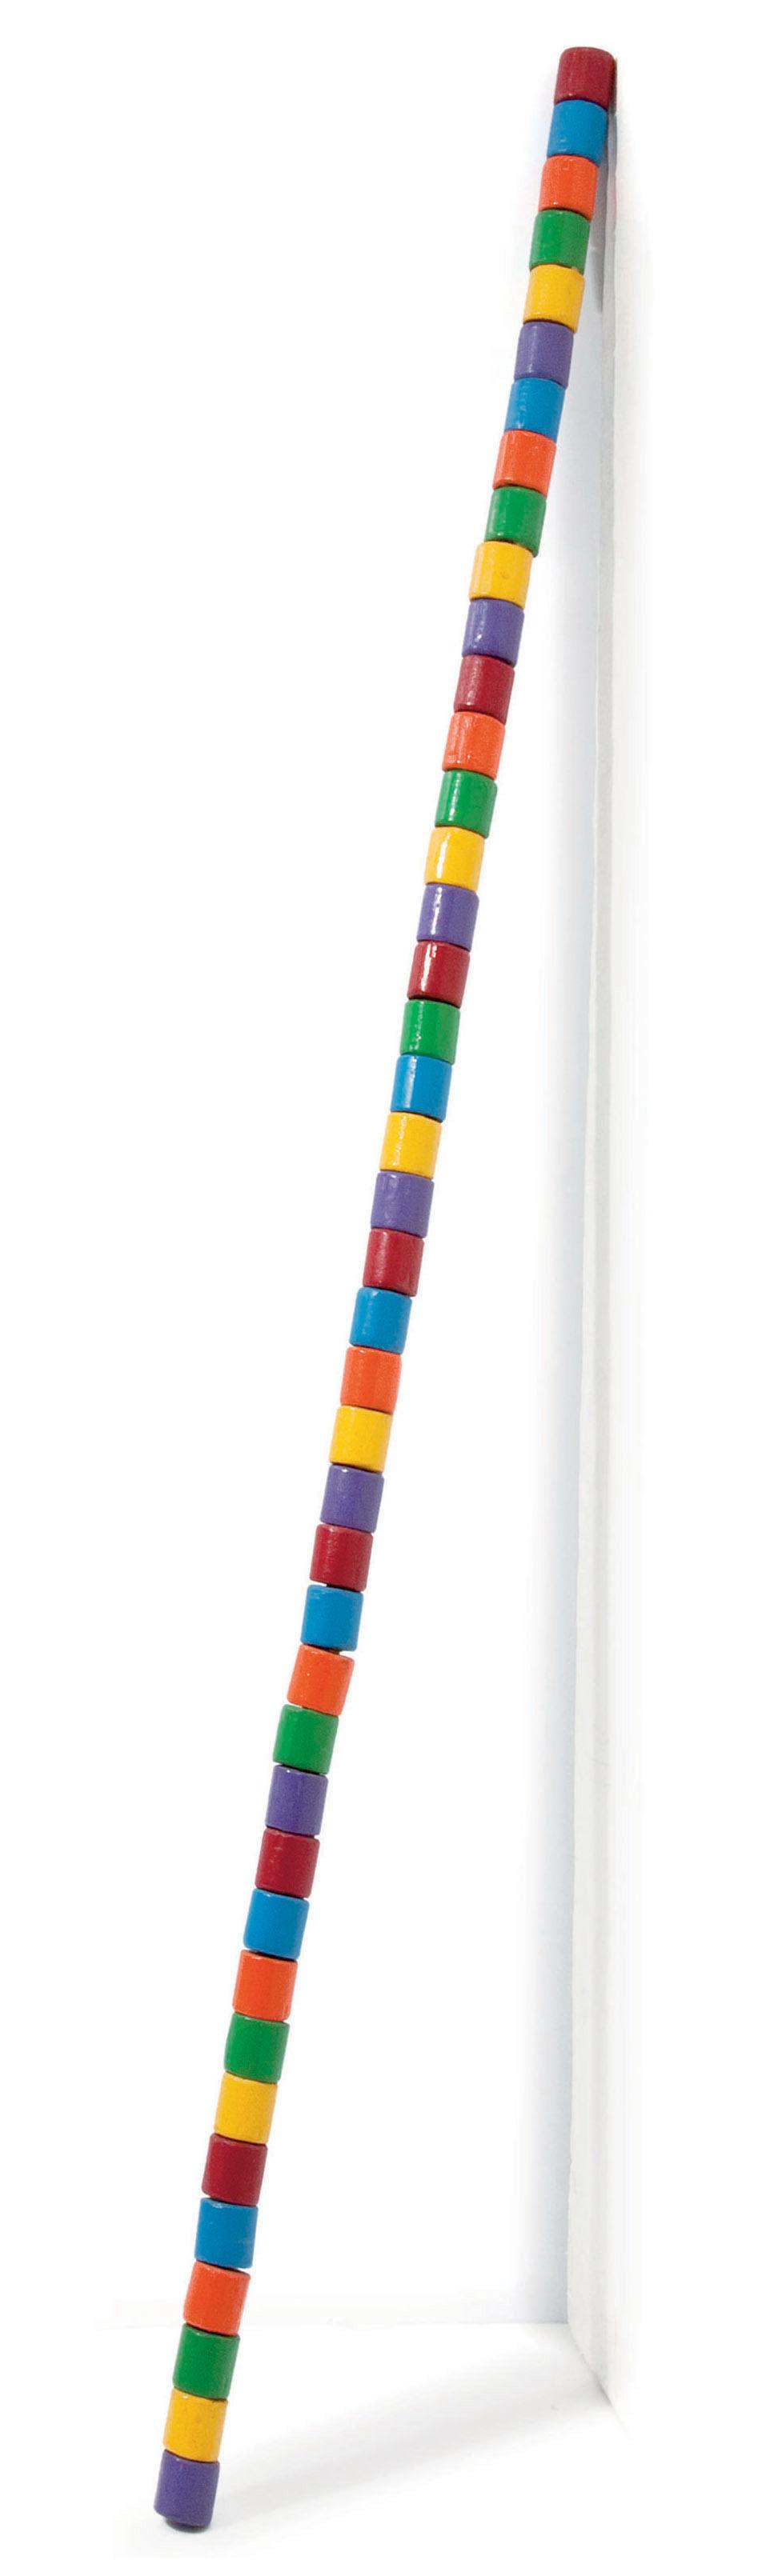 Barre de bois rond rouge, bleu, orange, vert, jaune et violet